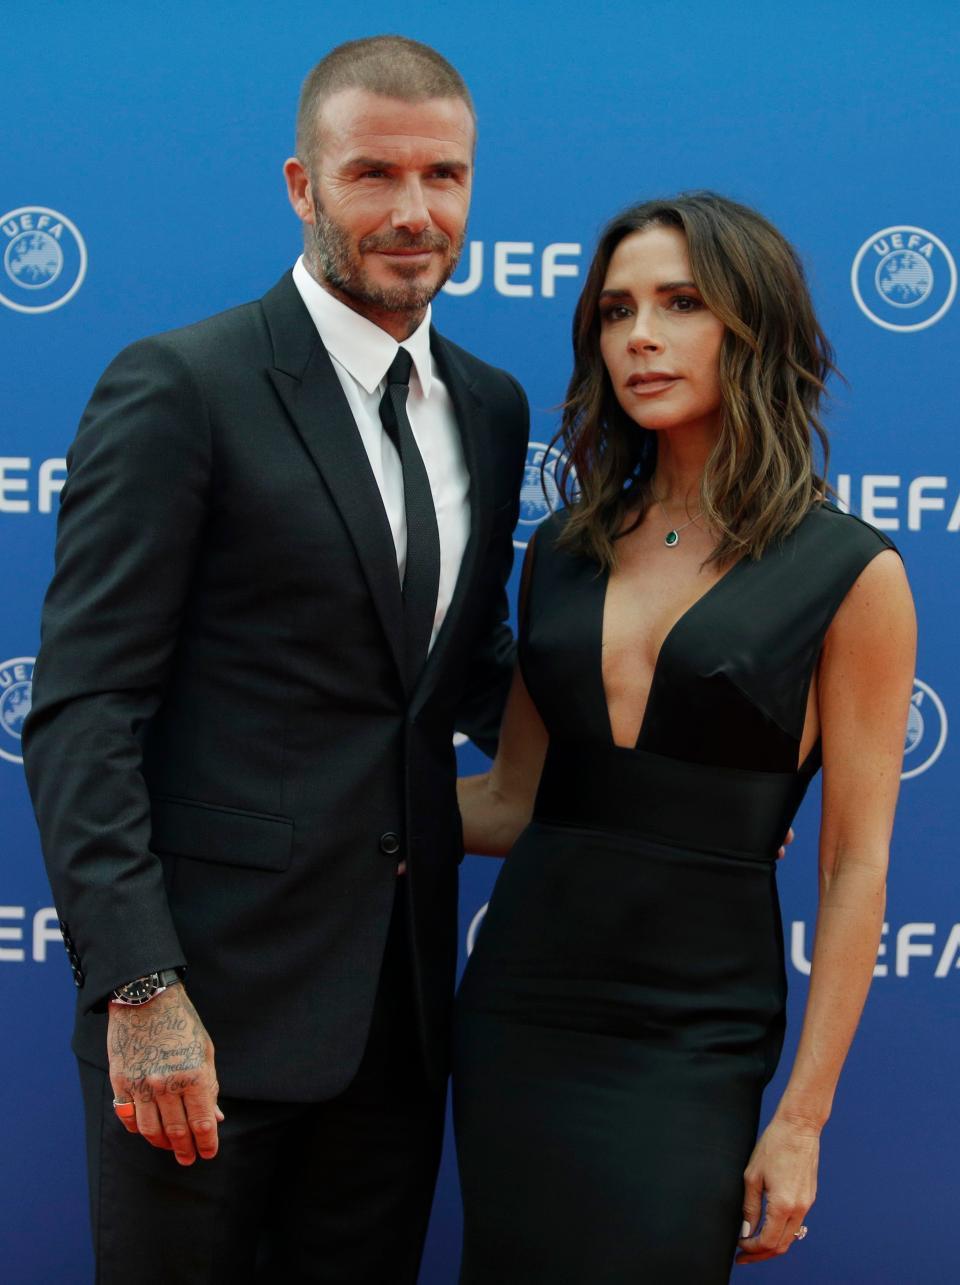 Victoria khóc suốt 2 ngày và trị liệu tâm lý sau khi David Beckham tiết lộ rắc rối trong hôn nhân-1